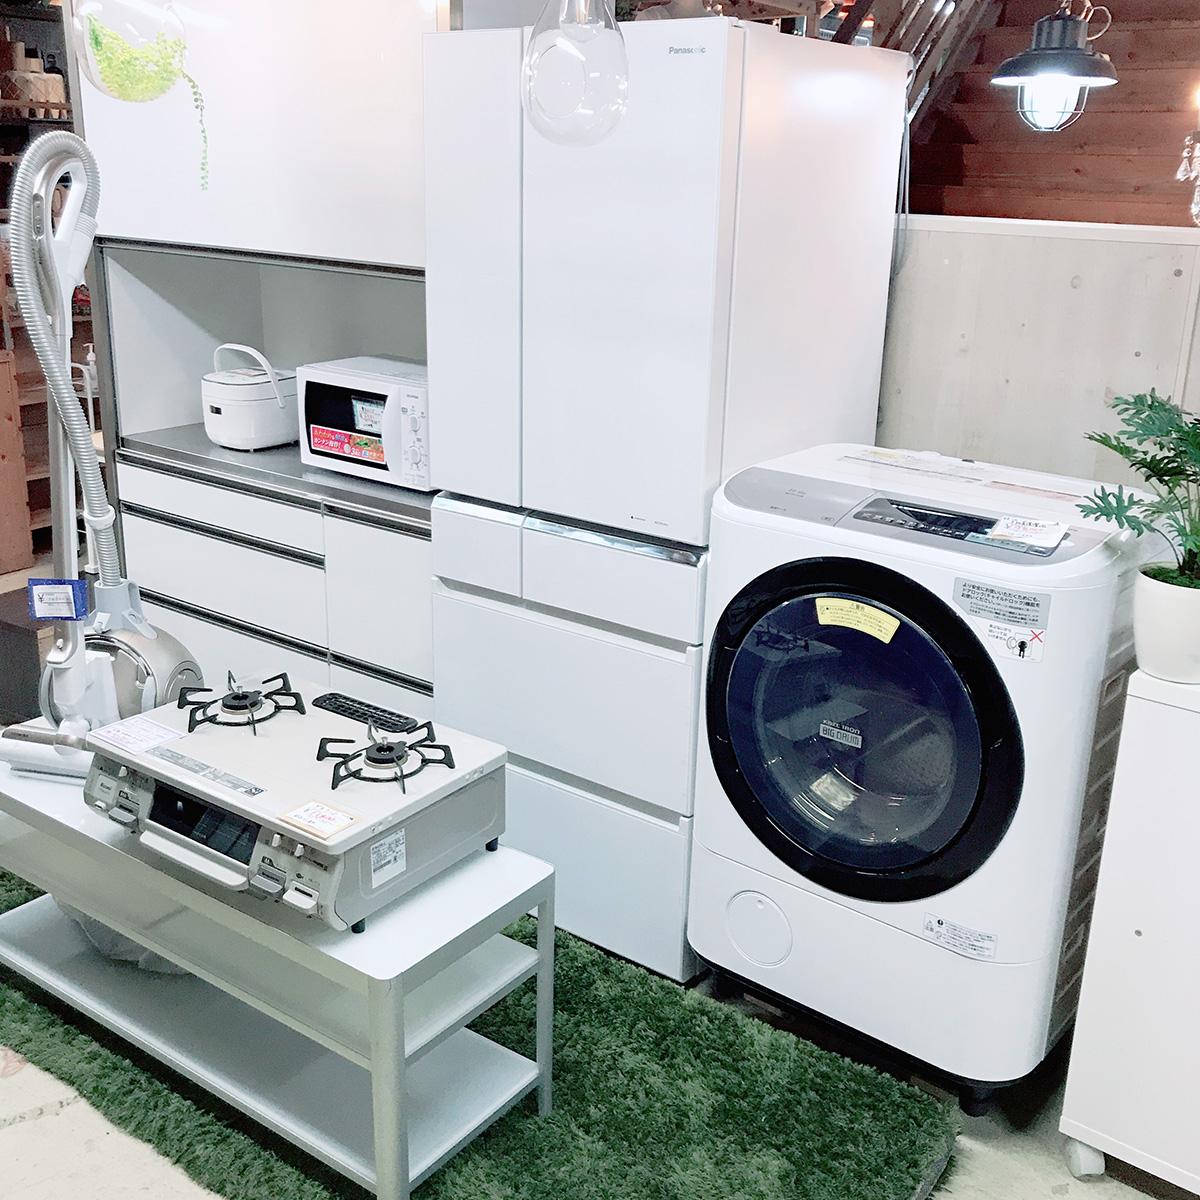 家電買取家具買い取り他社で売れなかった家具家電も高価買取 あま市リサイクルショップ